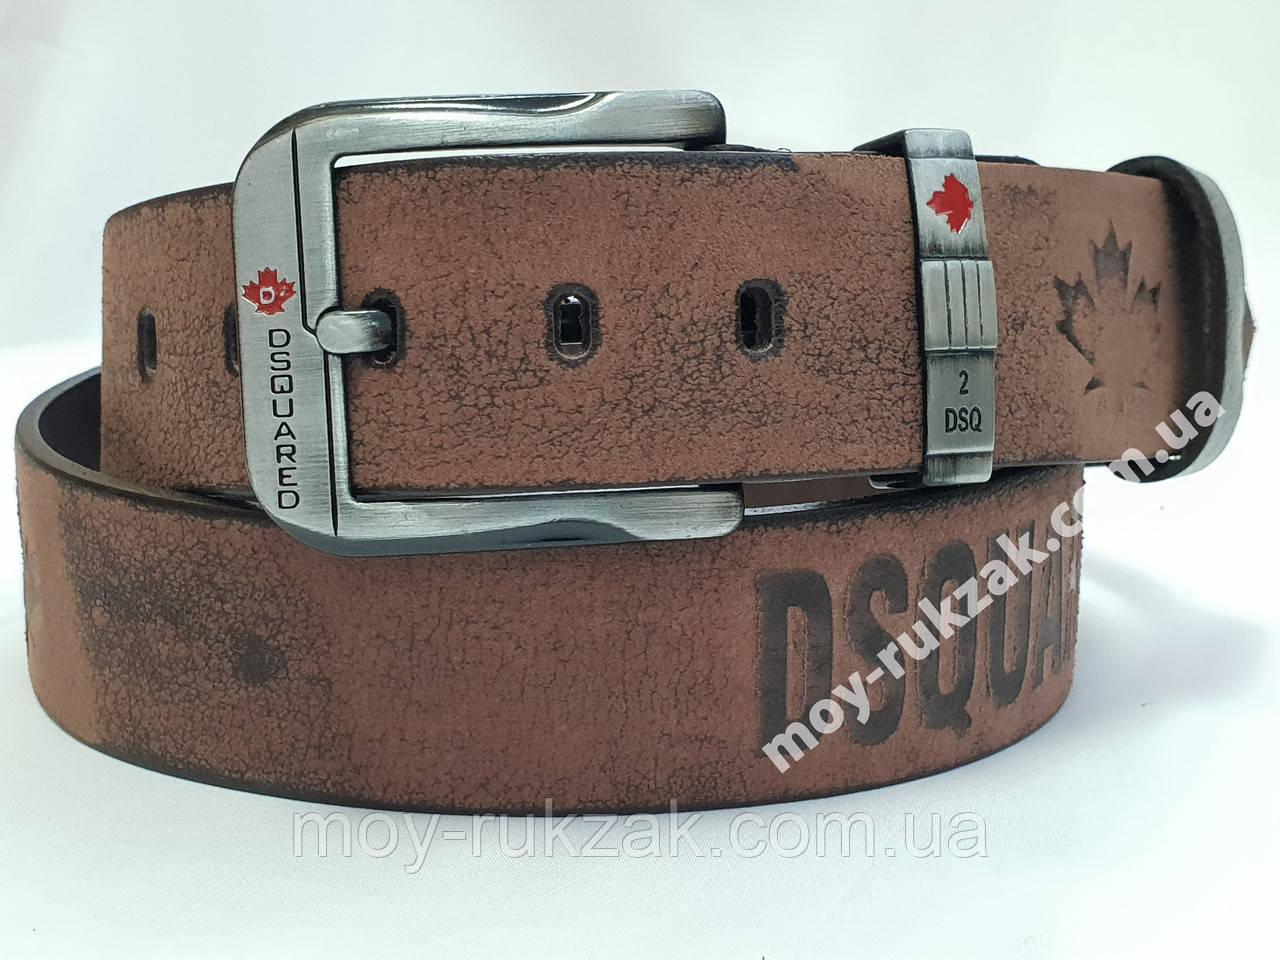 Ремень мужской кожаный Dsquared 45 мм., реплика, арт. 930678